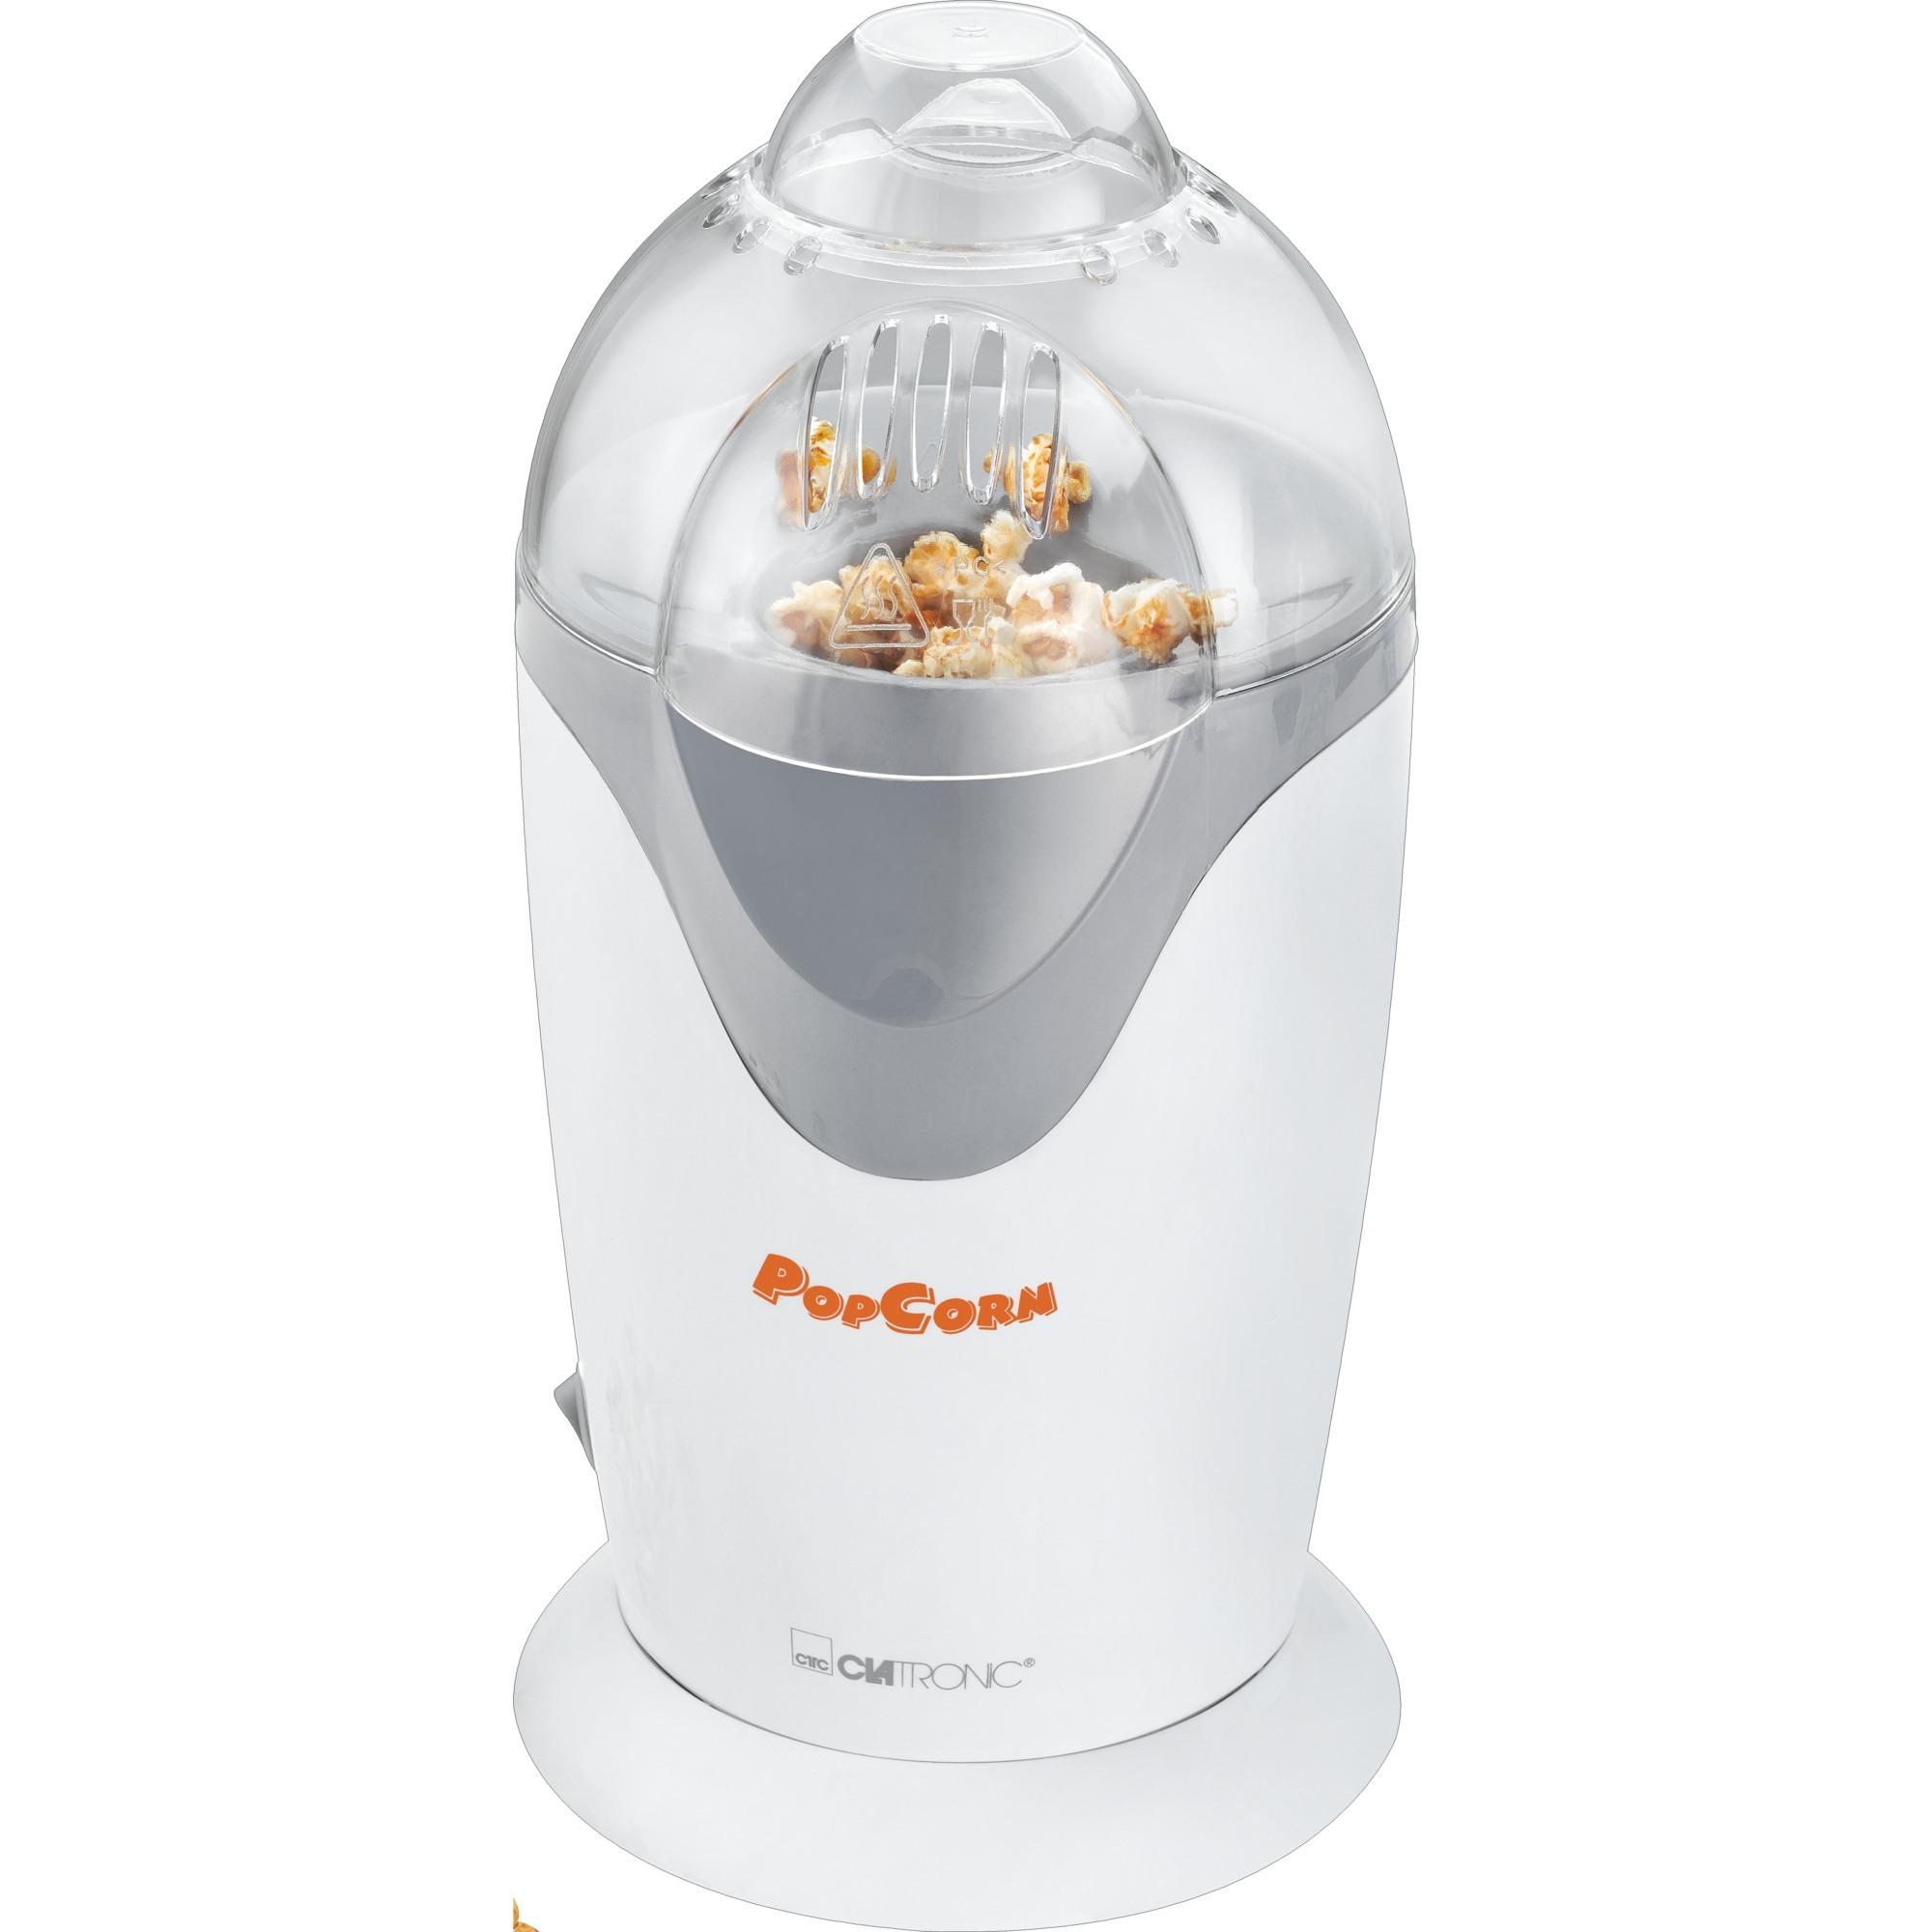 PM 3635 palomitas de maiz poppers Blanco 1200 W, Palomitero